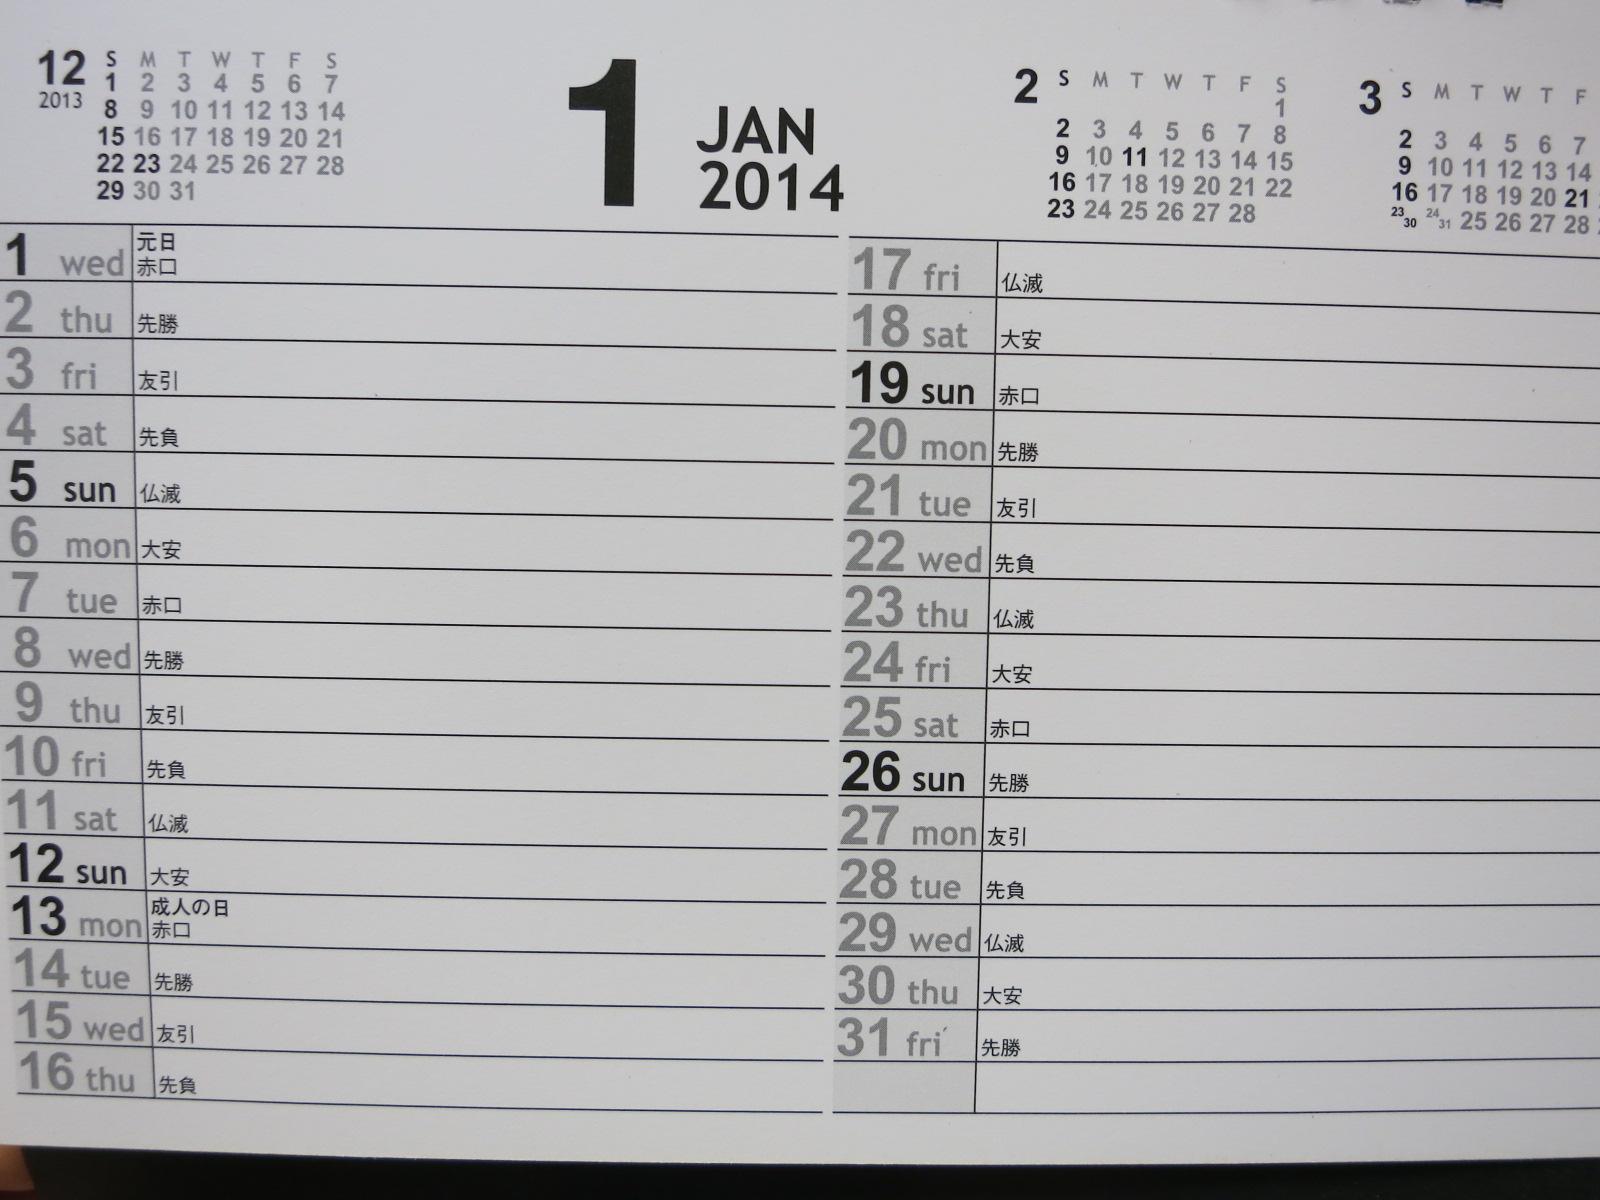 exciteお年玉キャンペーン★カレンダーいただきました♪_f0236260_12594226.jpg